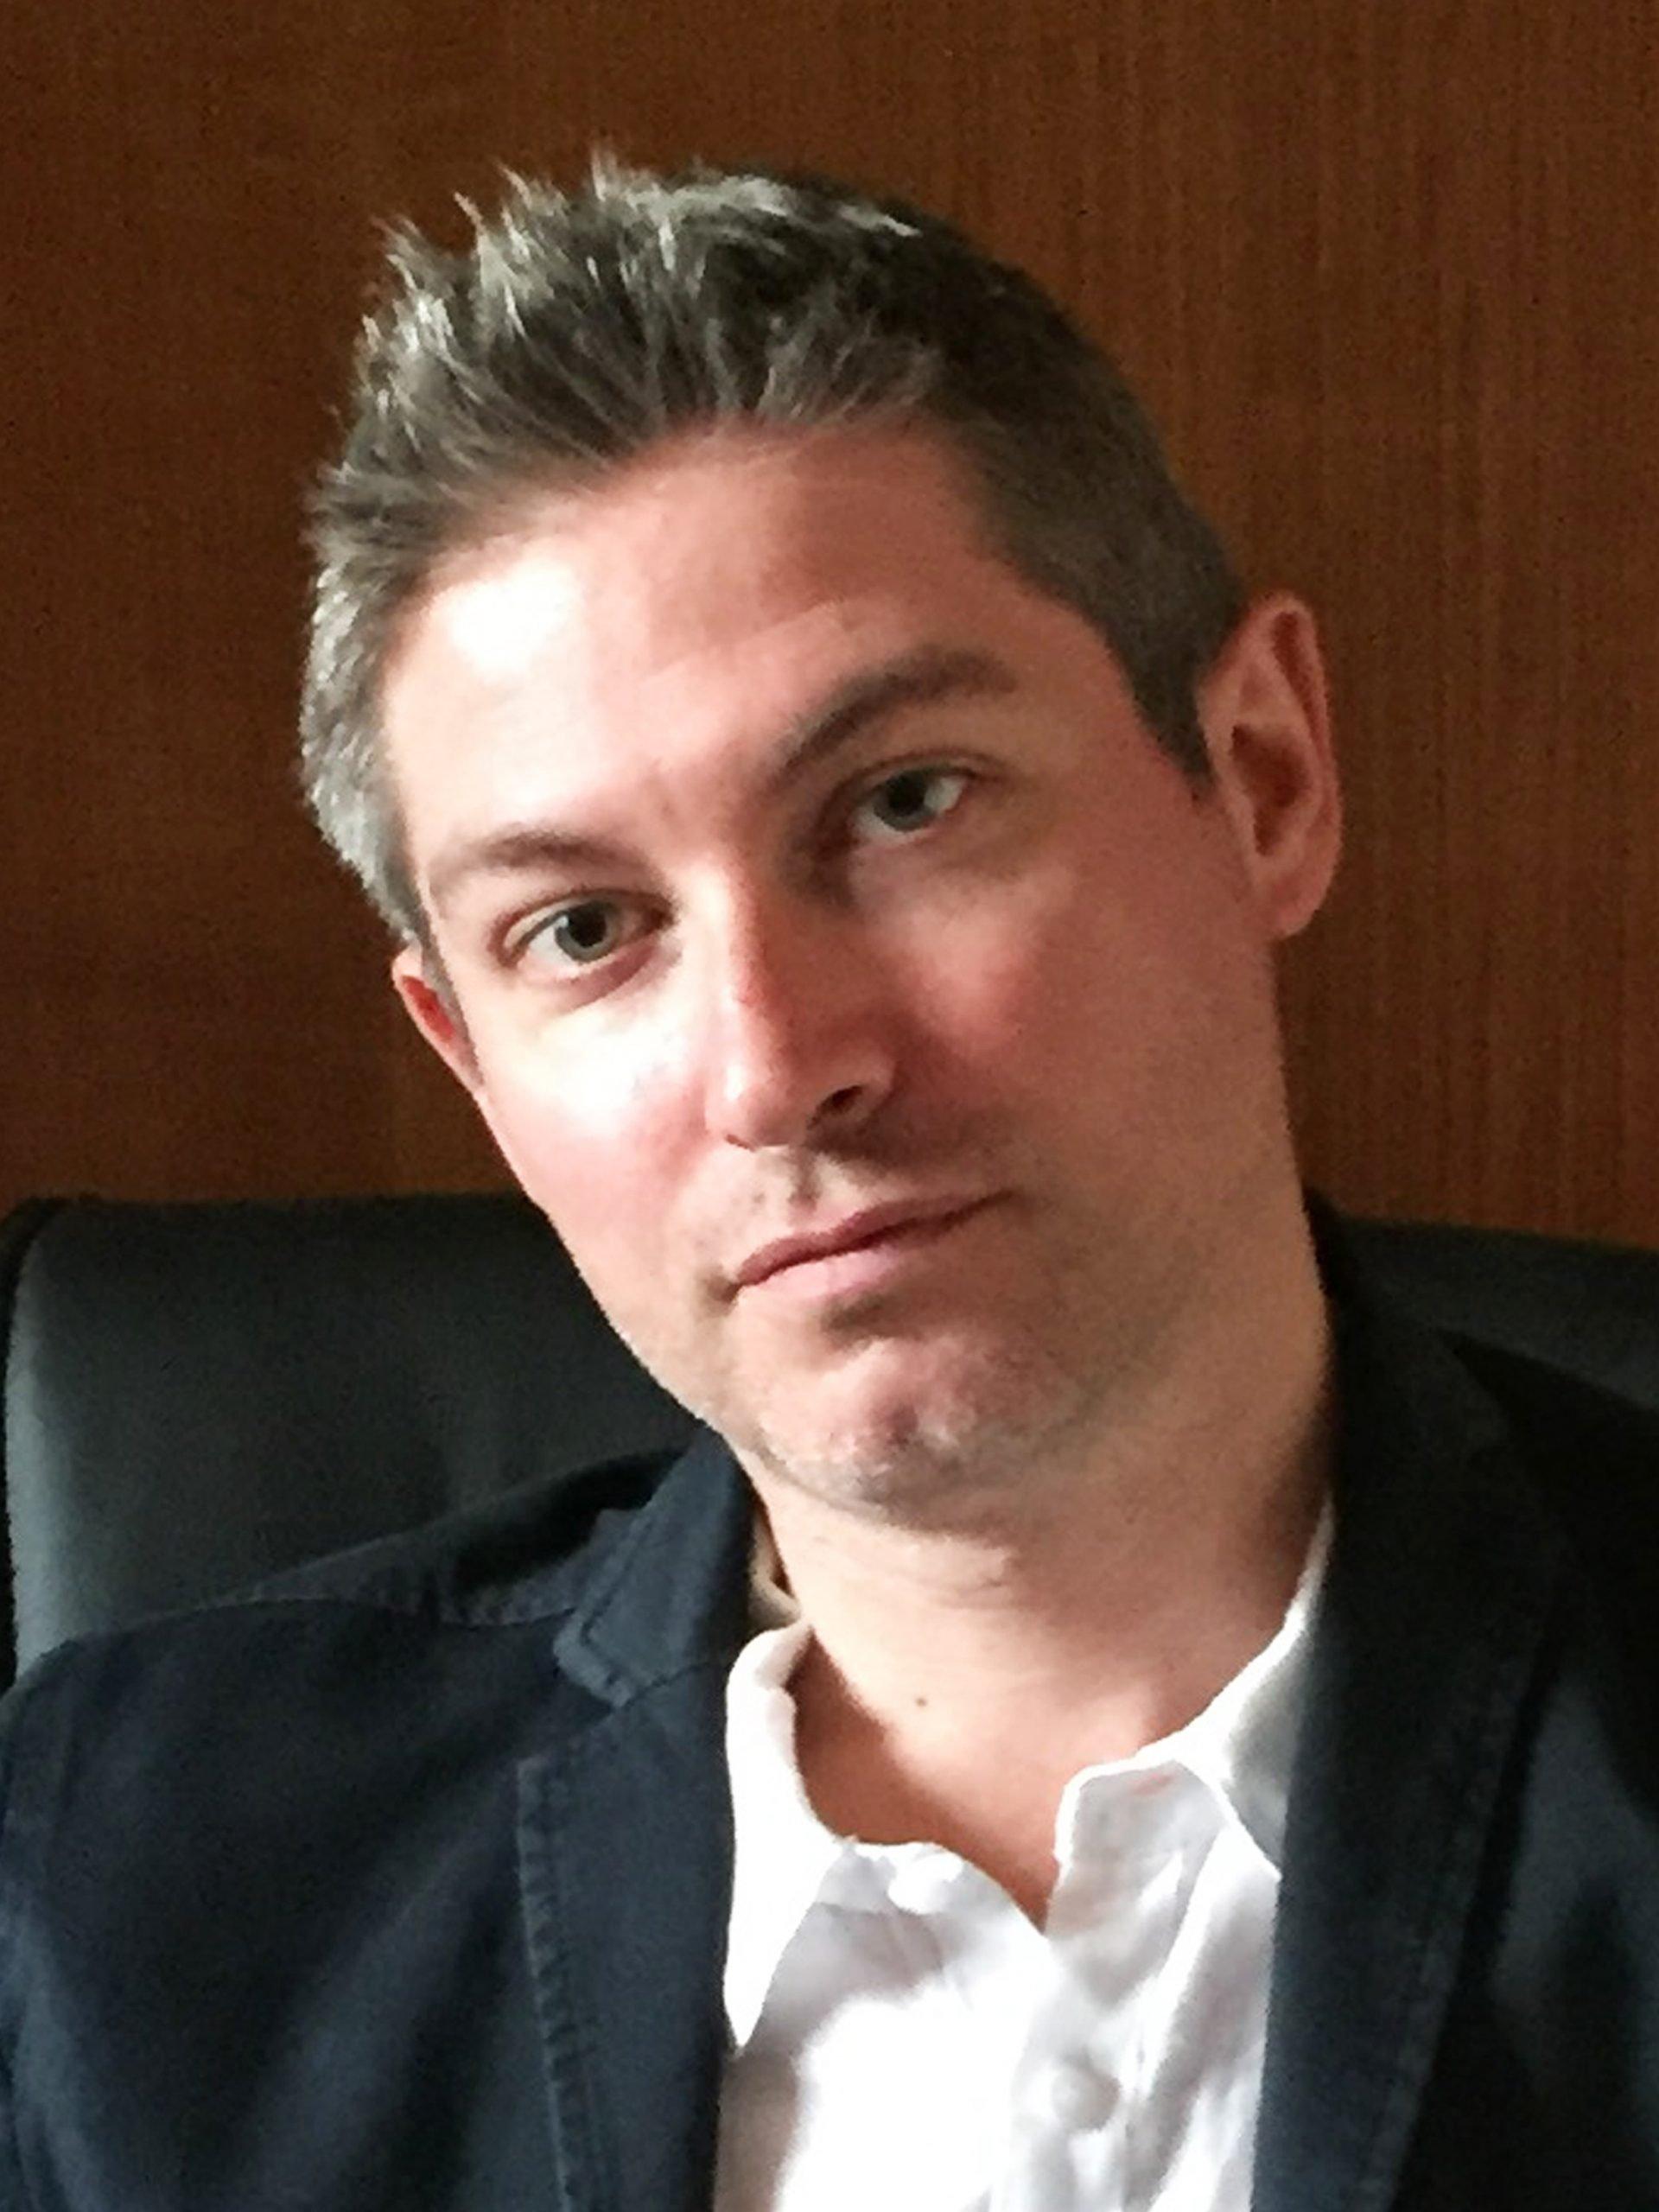 Psicologo Piacenza - Psicoterapeuta Piacenza - Dott. Gianni Tosca